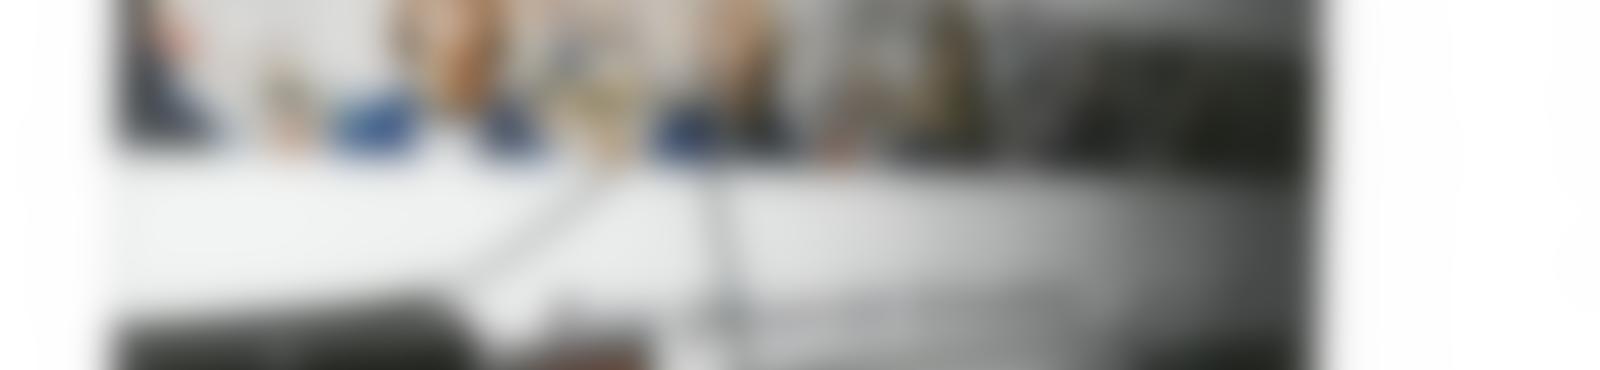 Blurred dd7174f2 5a74 4469 b844 6a39d3e2cfc7